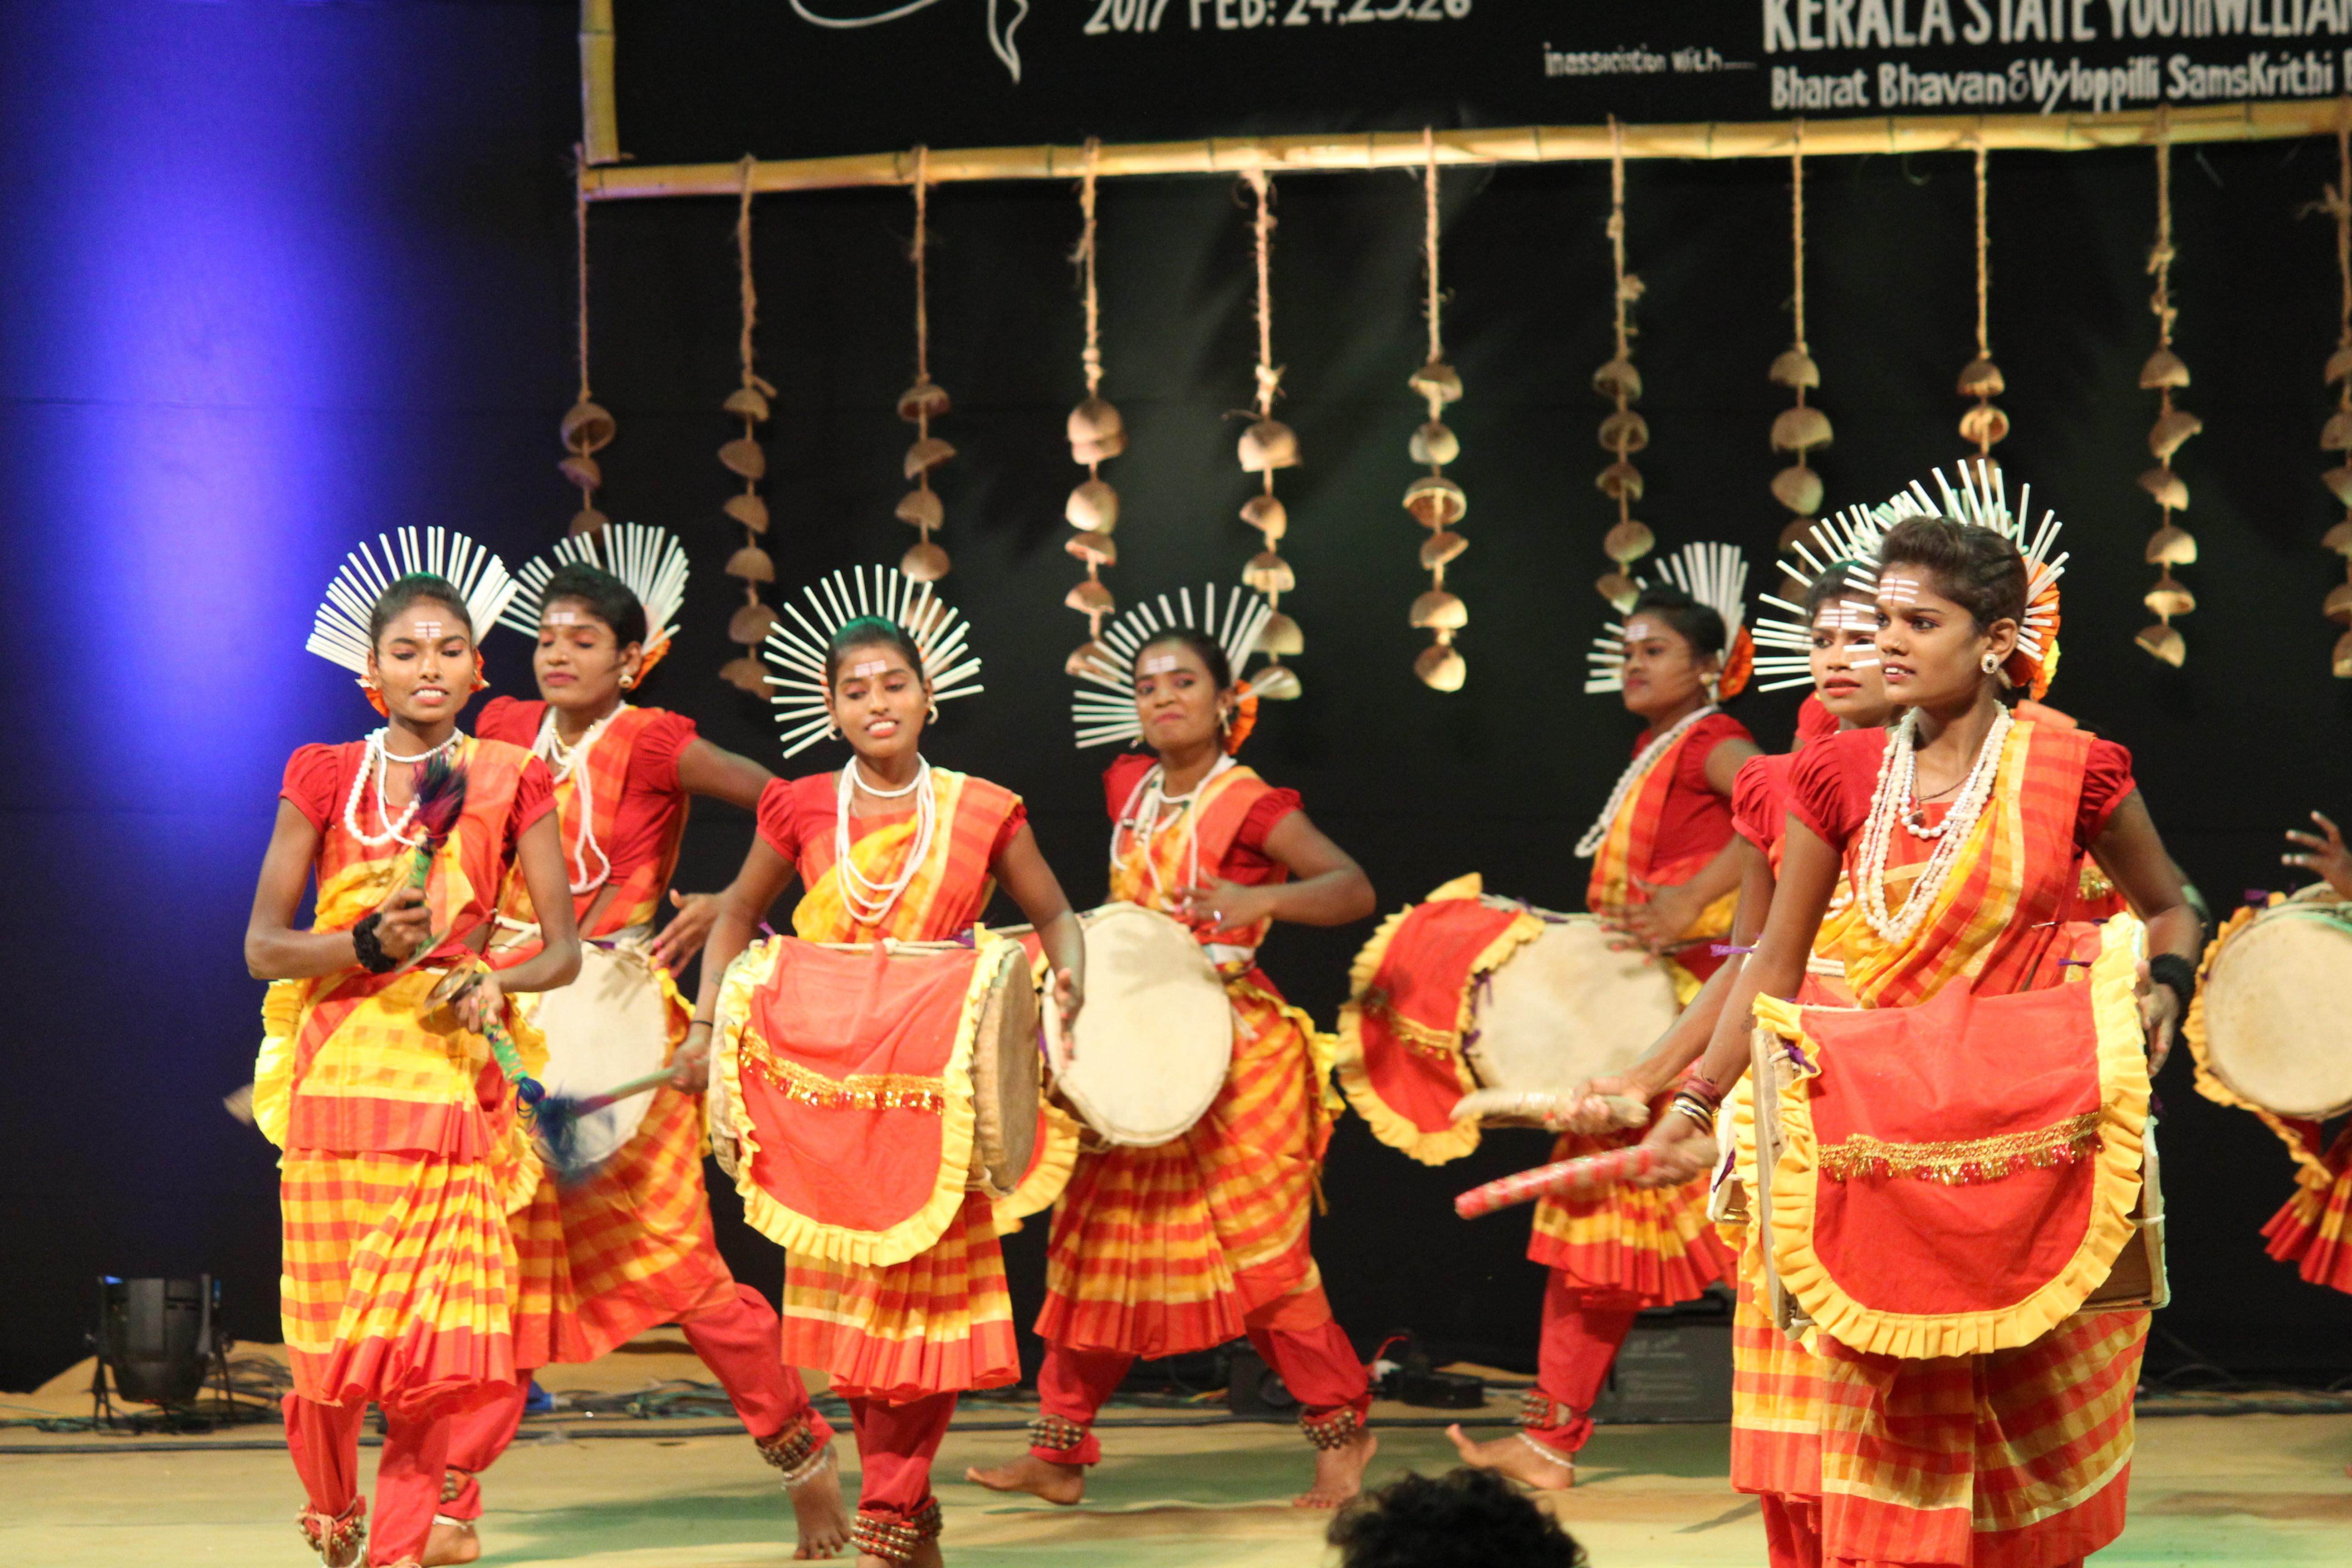 Folk dances of karnataka.